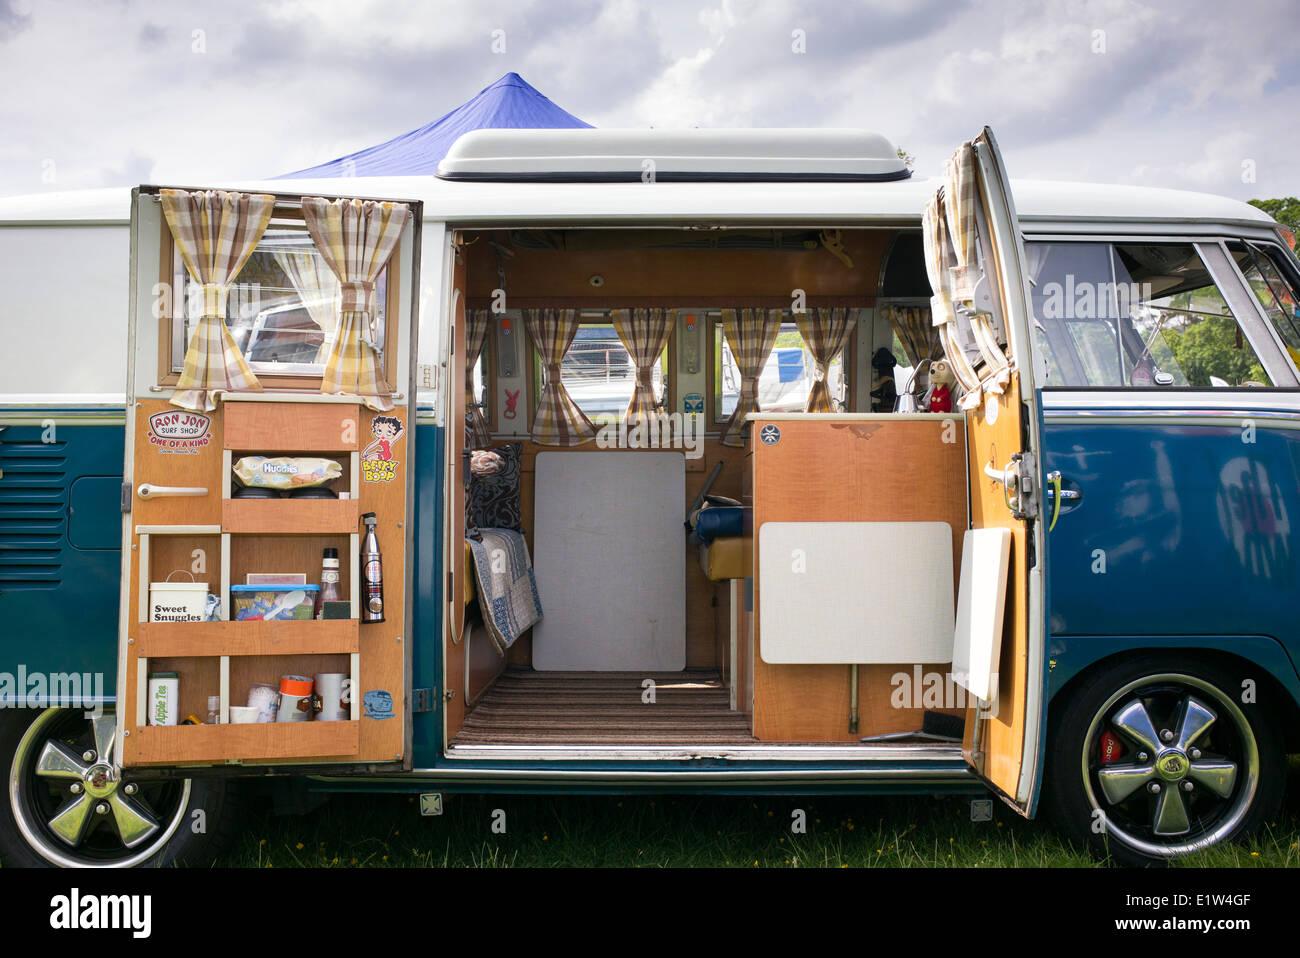 Vw Bus Interior Fotos E Imagenes De Stock Alamy